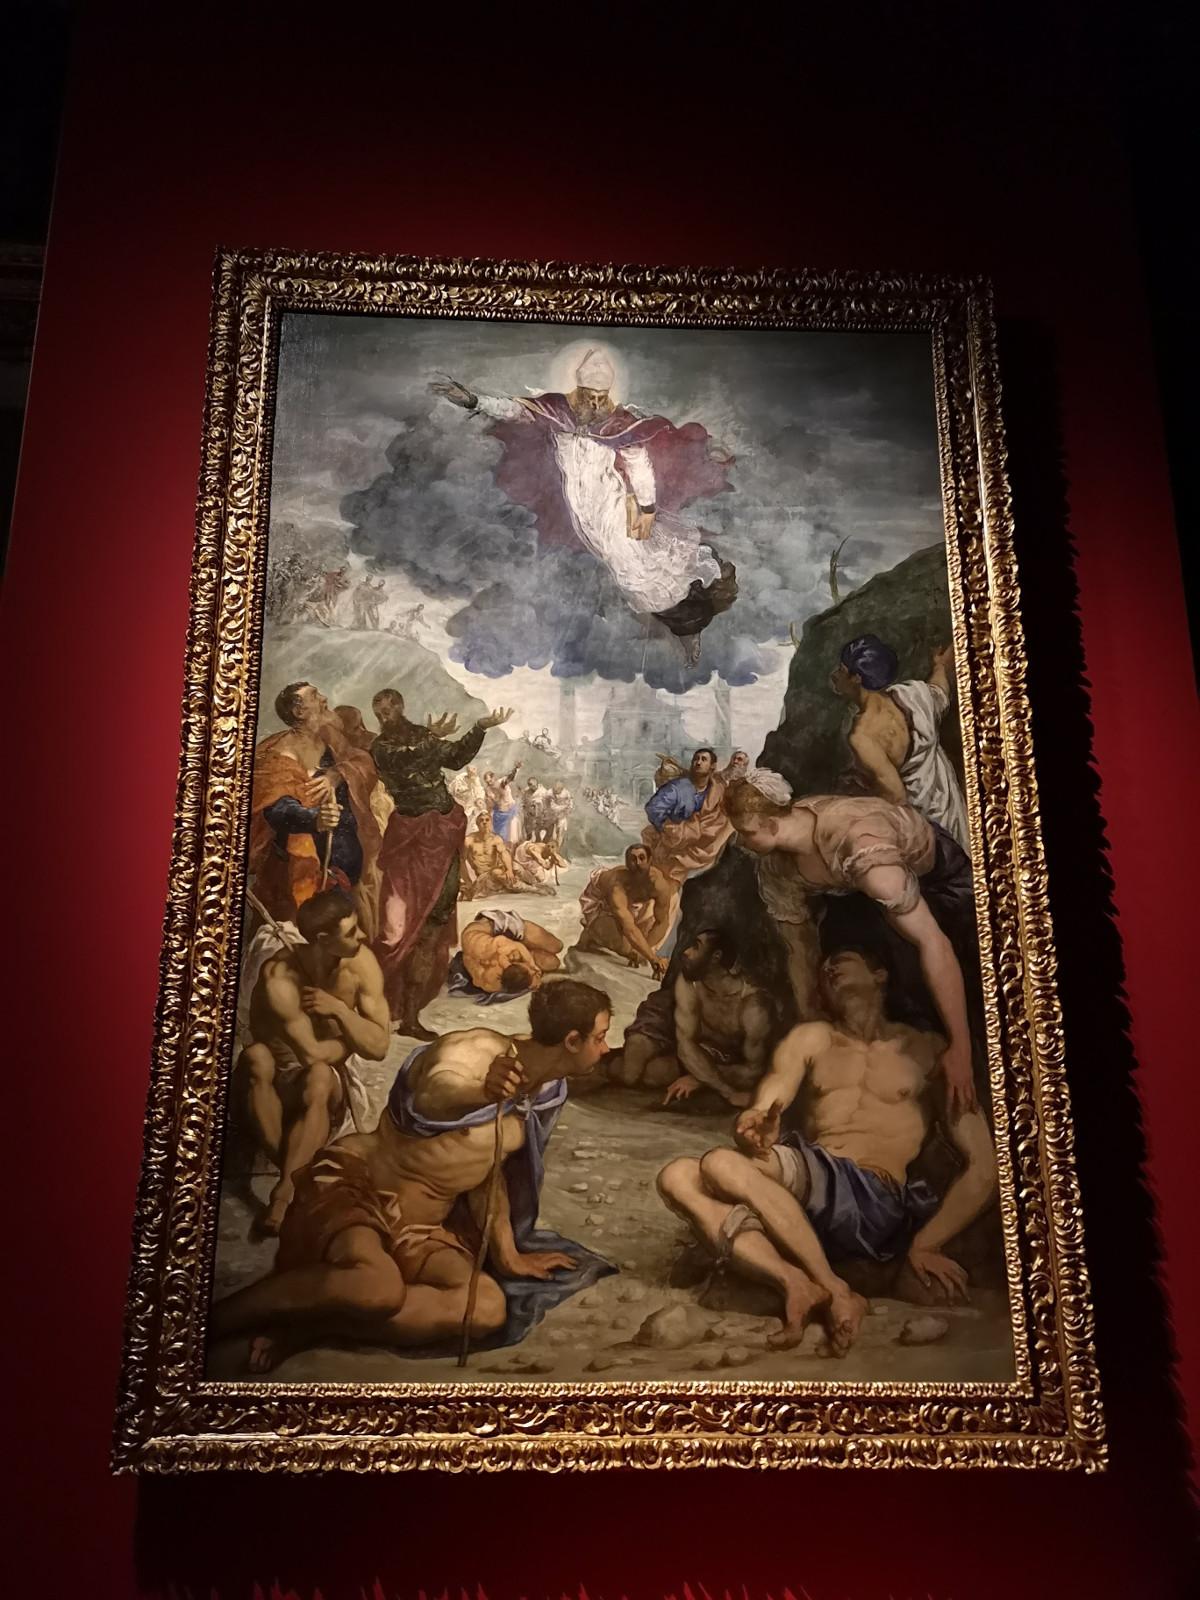 Sant'Agostino risana gli sciancati - Jacopo Robusti, Tintoretto - Musei Civici di Vicenza